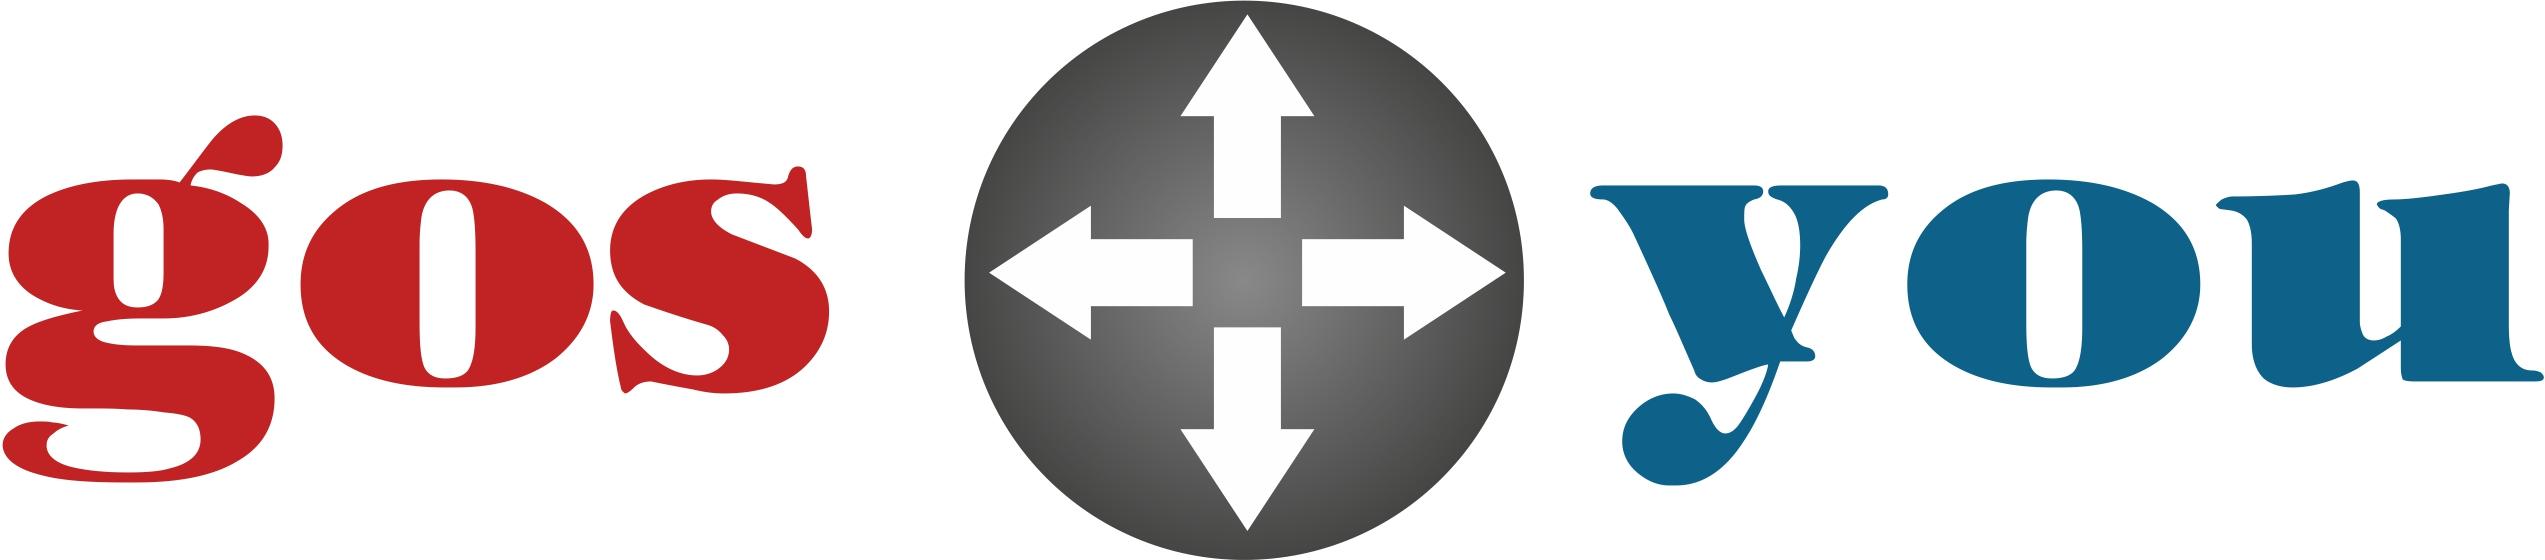 Логотип, фир. стиль и иконку для социальной сети GosYou фото f_507c8ed753b83.jpg